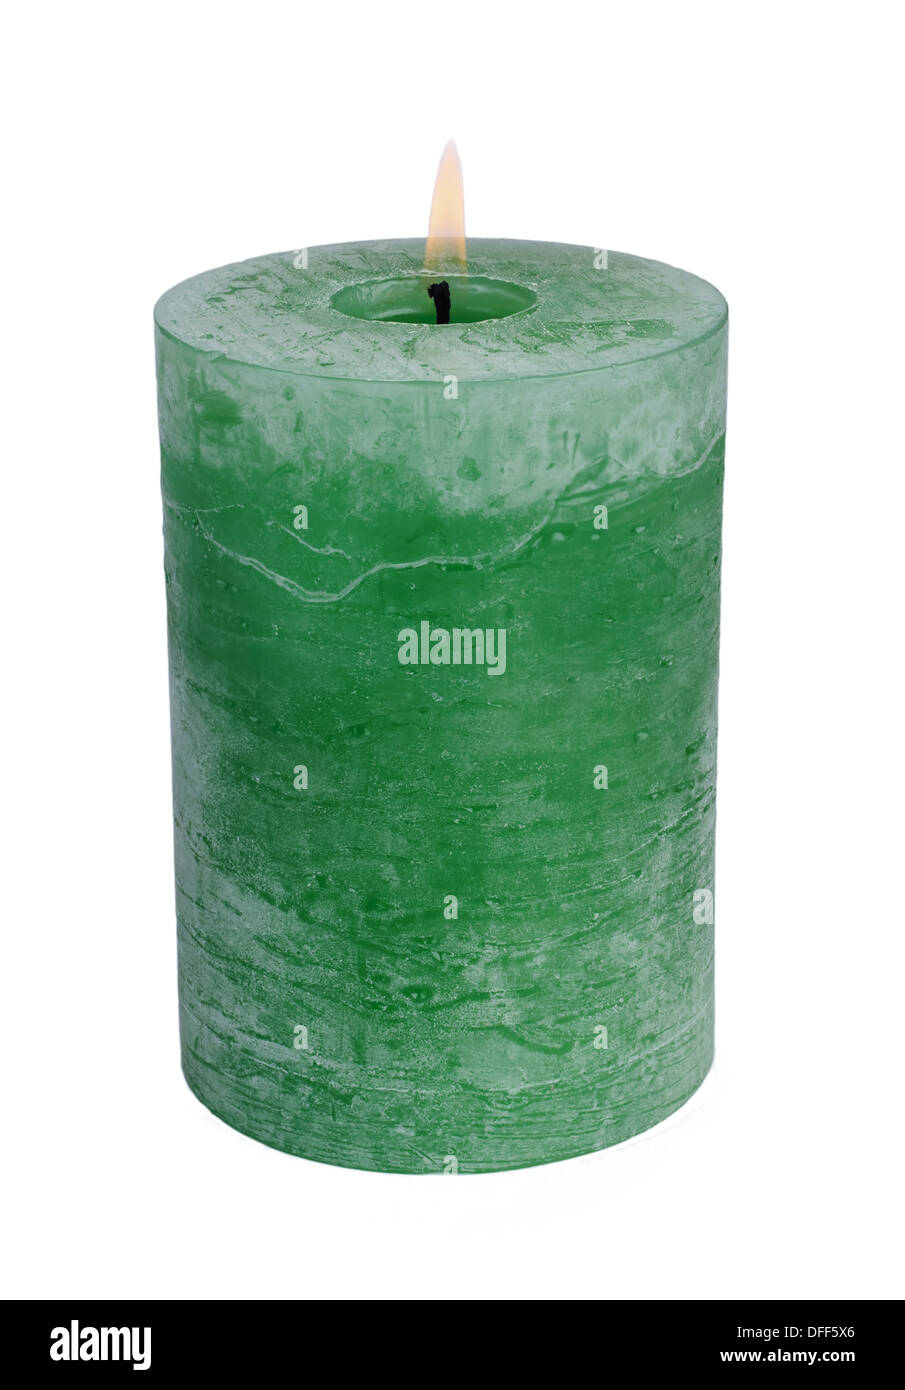 Large green burning candle.Isolated on white. - Stock Image